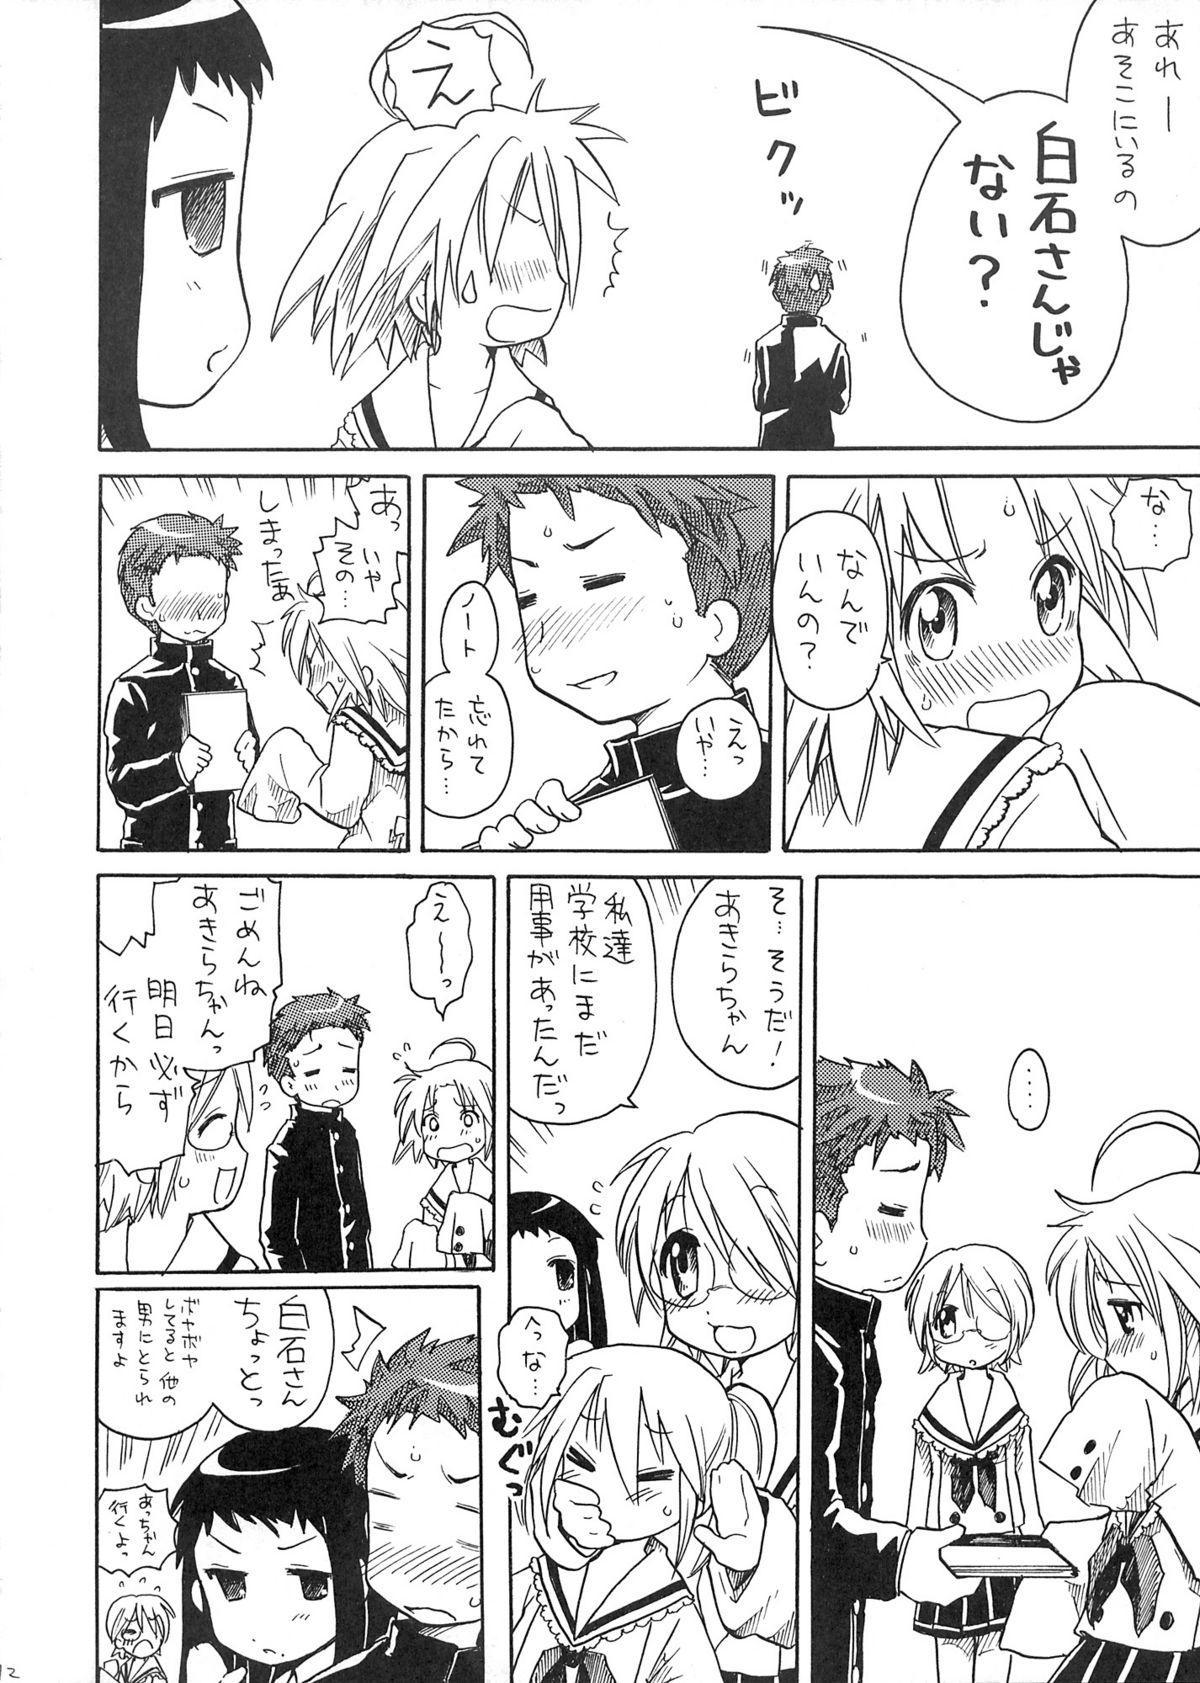 Akira-sama no Yuuutsu 11